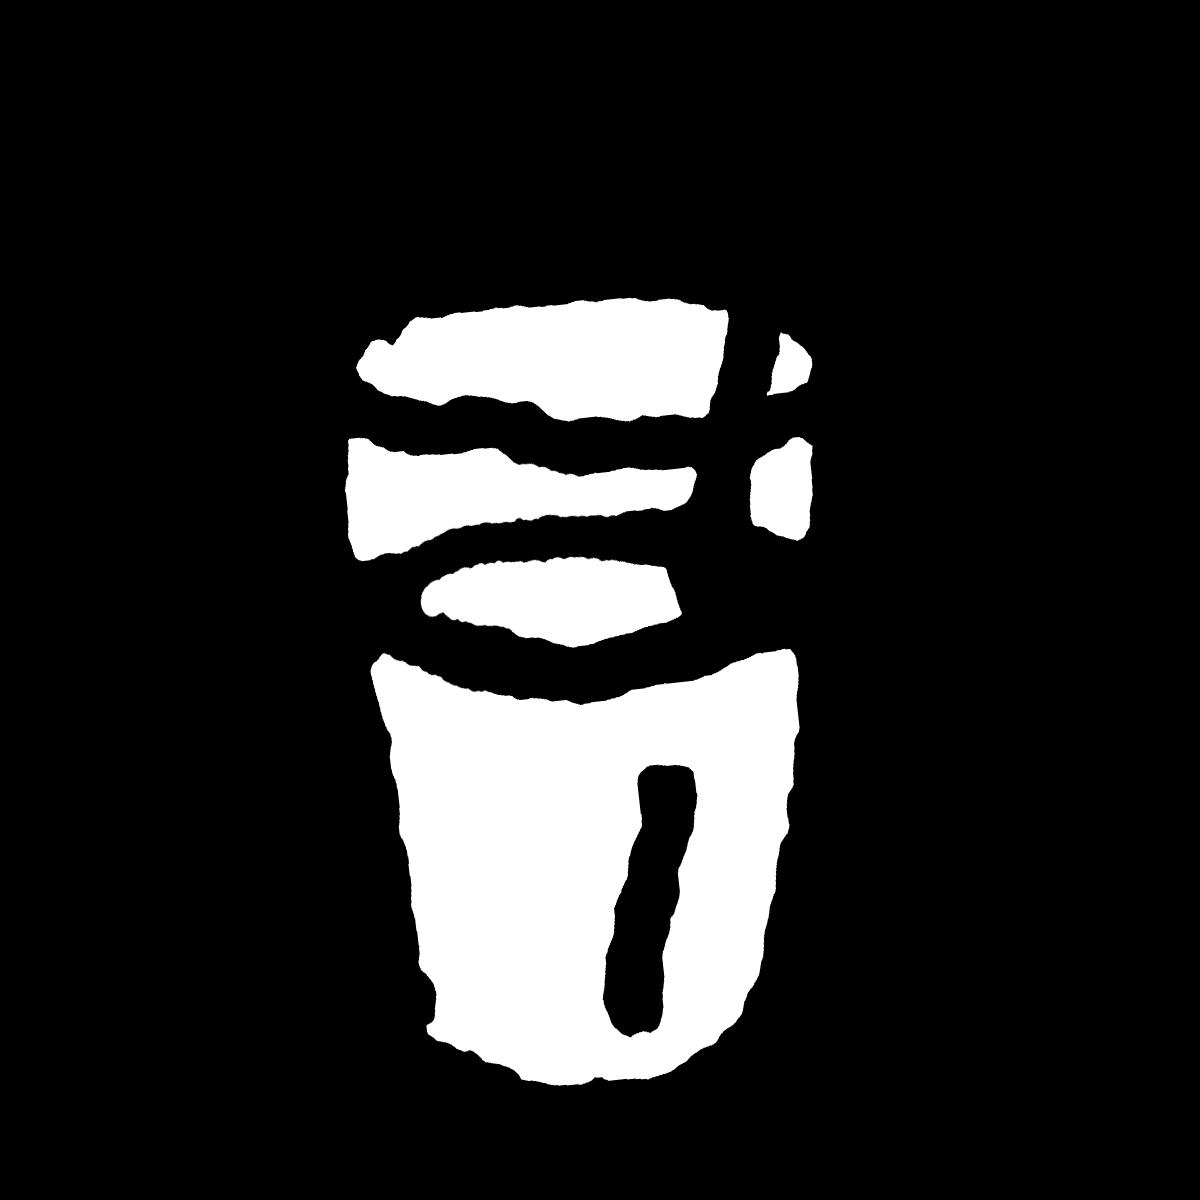 コップの水(ストローつき)のイラスト / With a cup of water straw Illustration